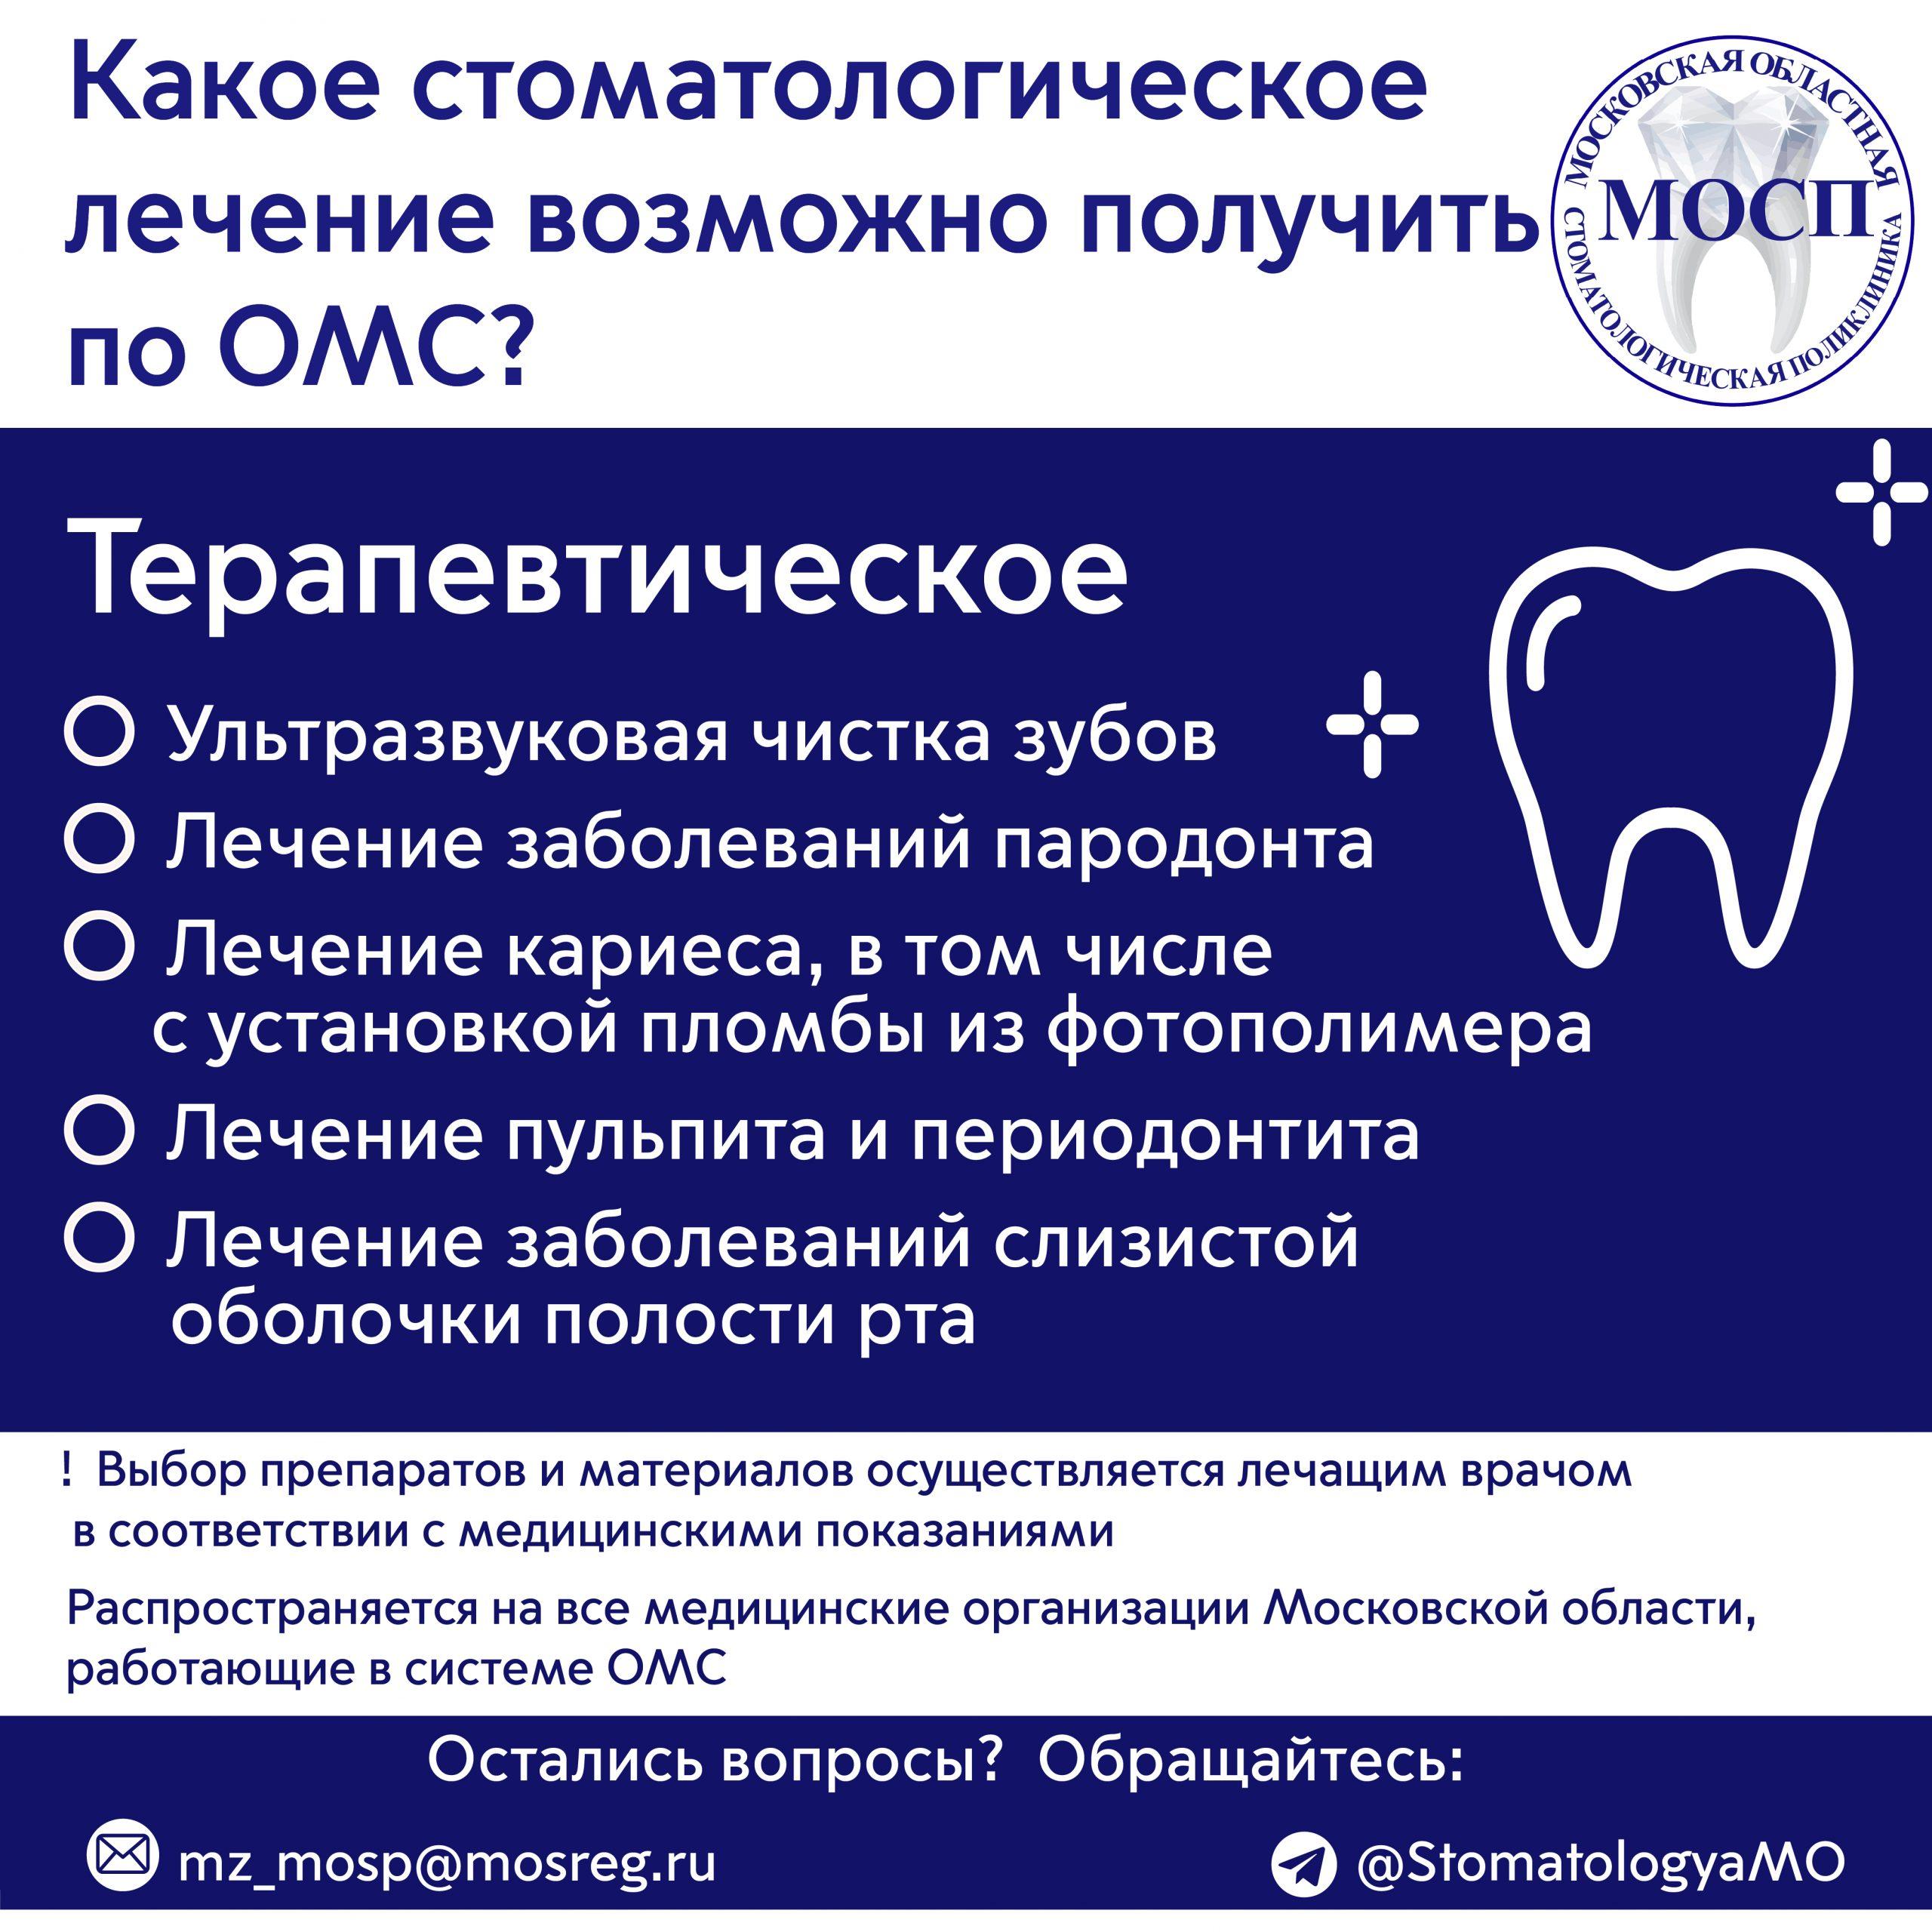 Памятка стоматология ОМС Терапия